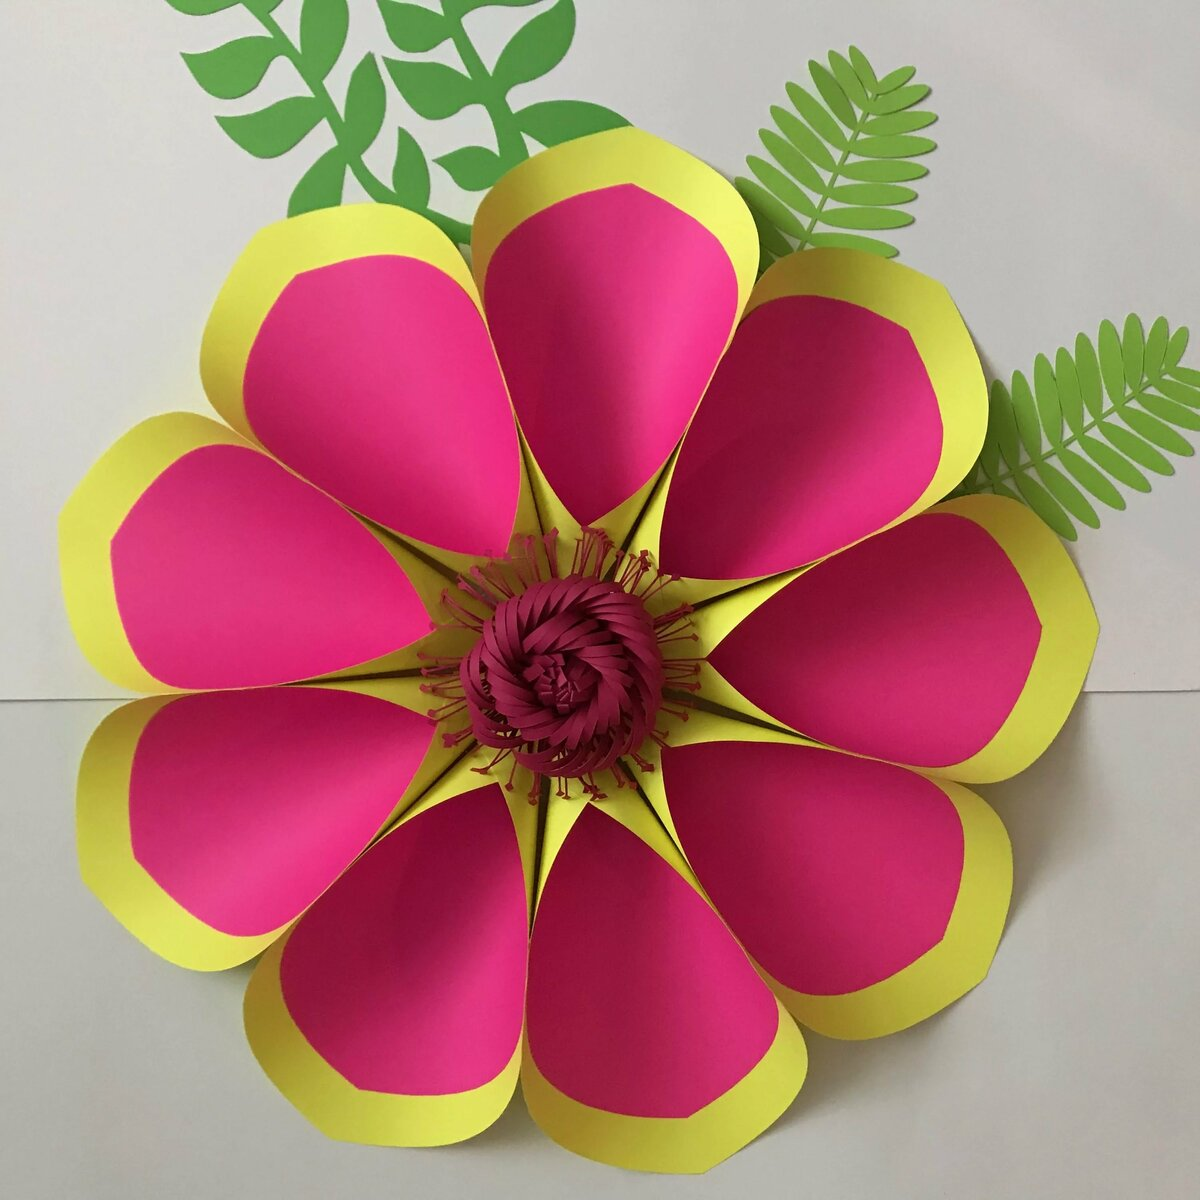 букет цветов из цветной бумаги своими руками фотографией, наверное, можно